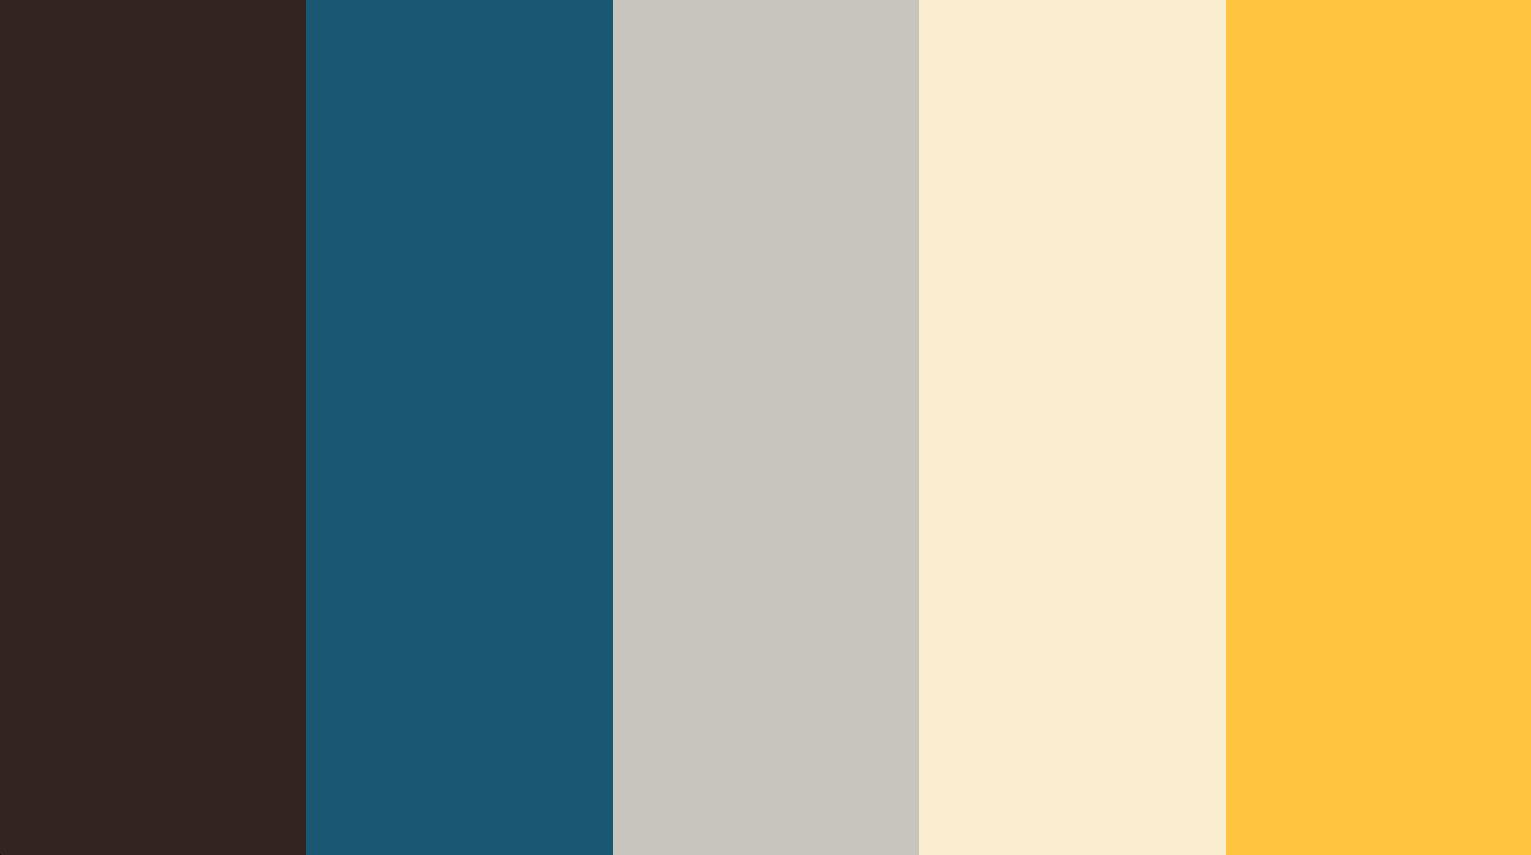 kleurenpalet petrol met bruin en geel  Kleurencombinaties